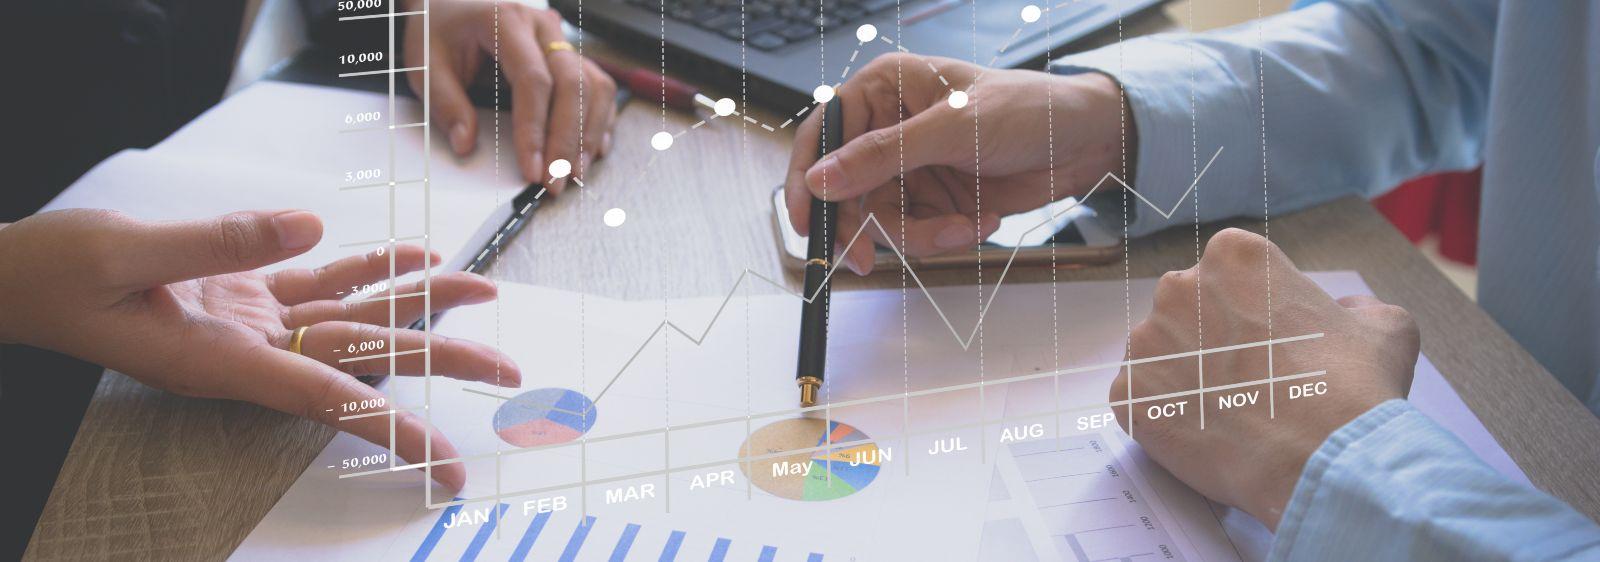 Interessierte aus Wirtschaft, Wissenschaft und Politik können die neue Forschungsdatenbank Nichtwohngebäude ab sofort für ihre Auswertungen nutzen.